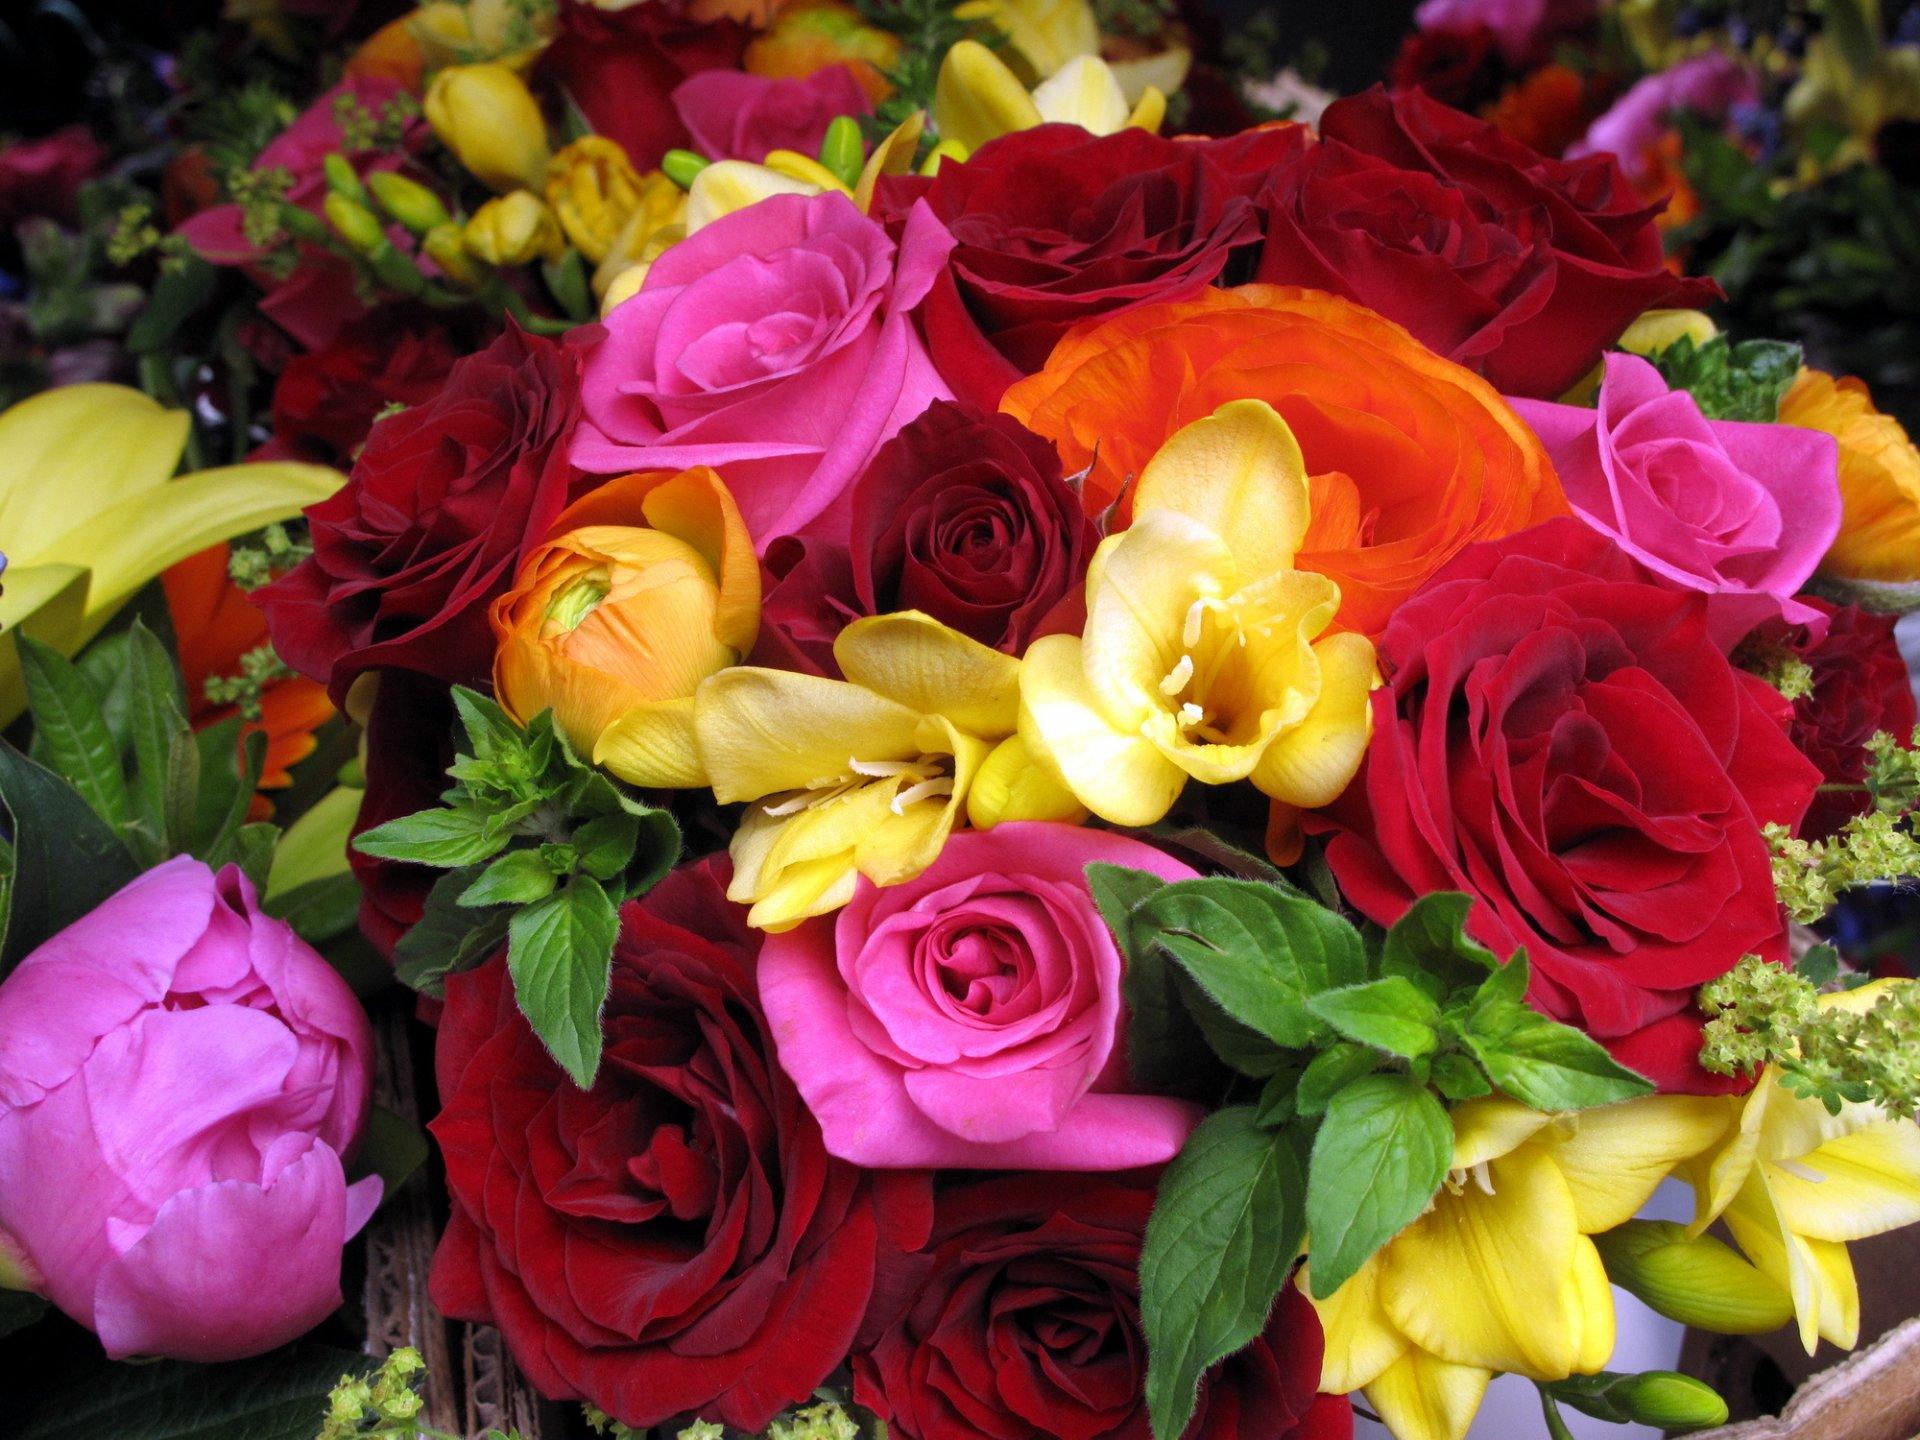 красивые фото цветов в хорошем качестве птицы для девушек